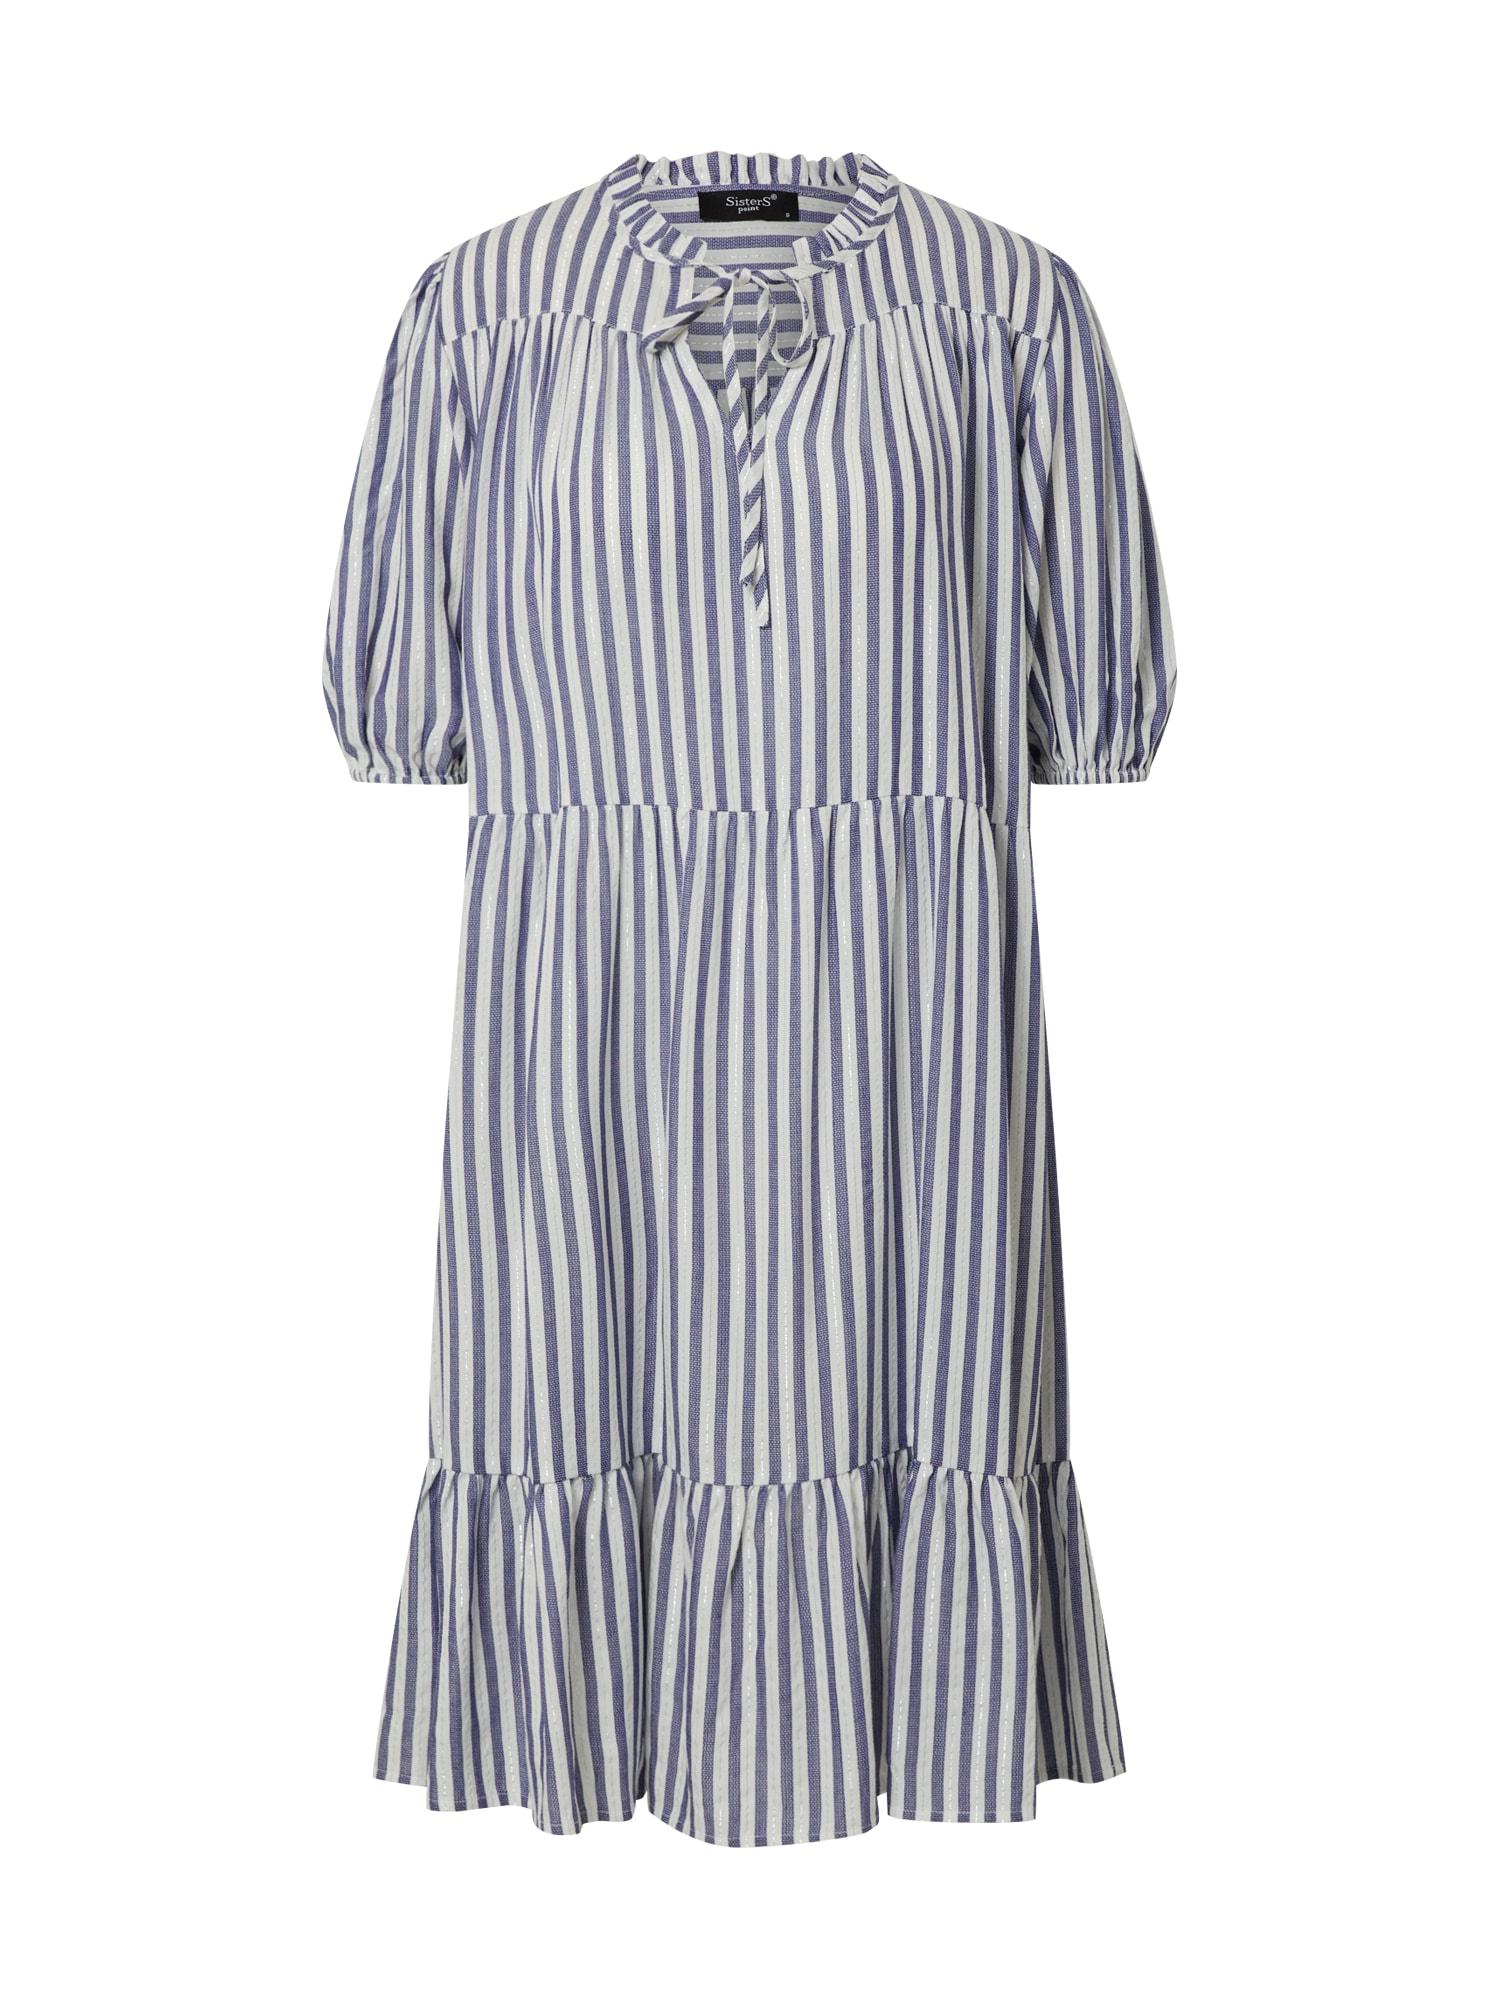 SISTERS POINT Šaty 'ILVO-DR'  modré / biela